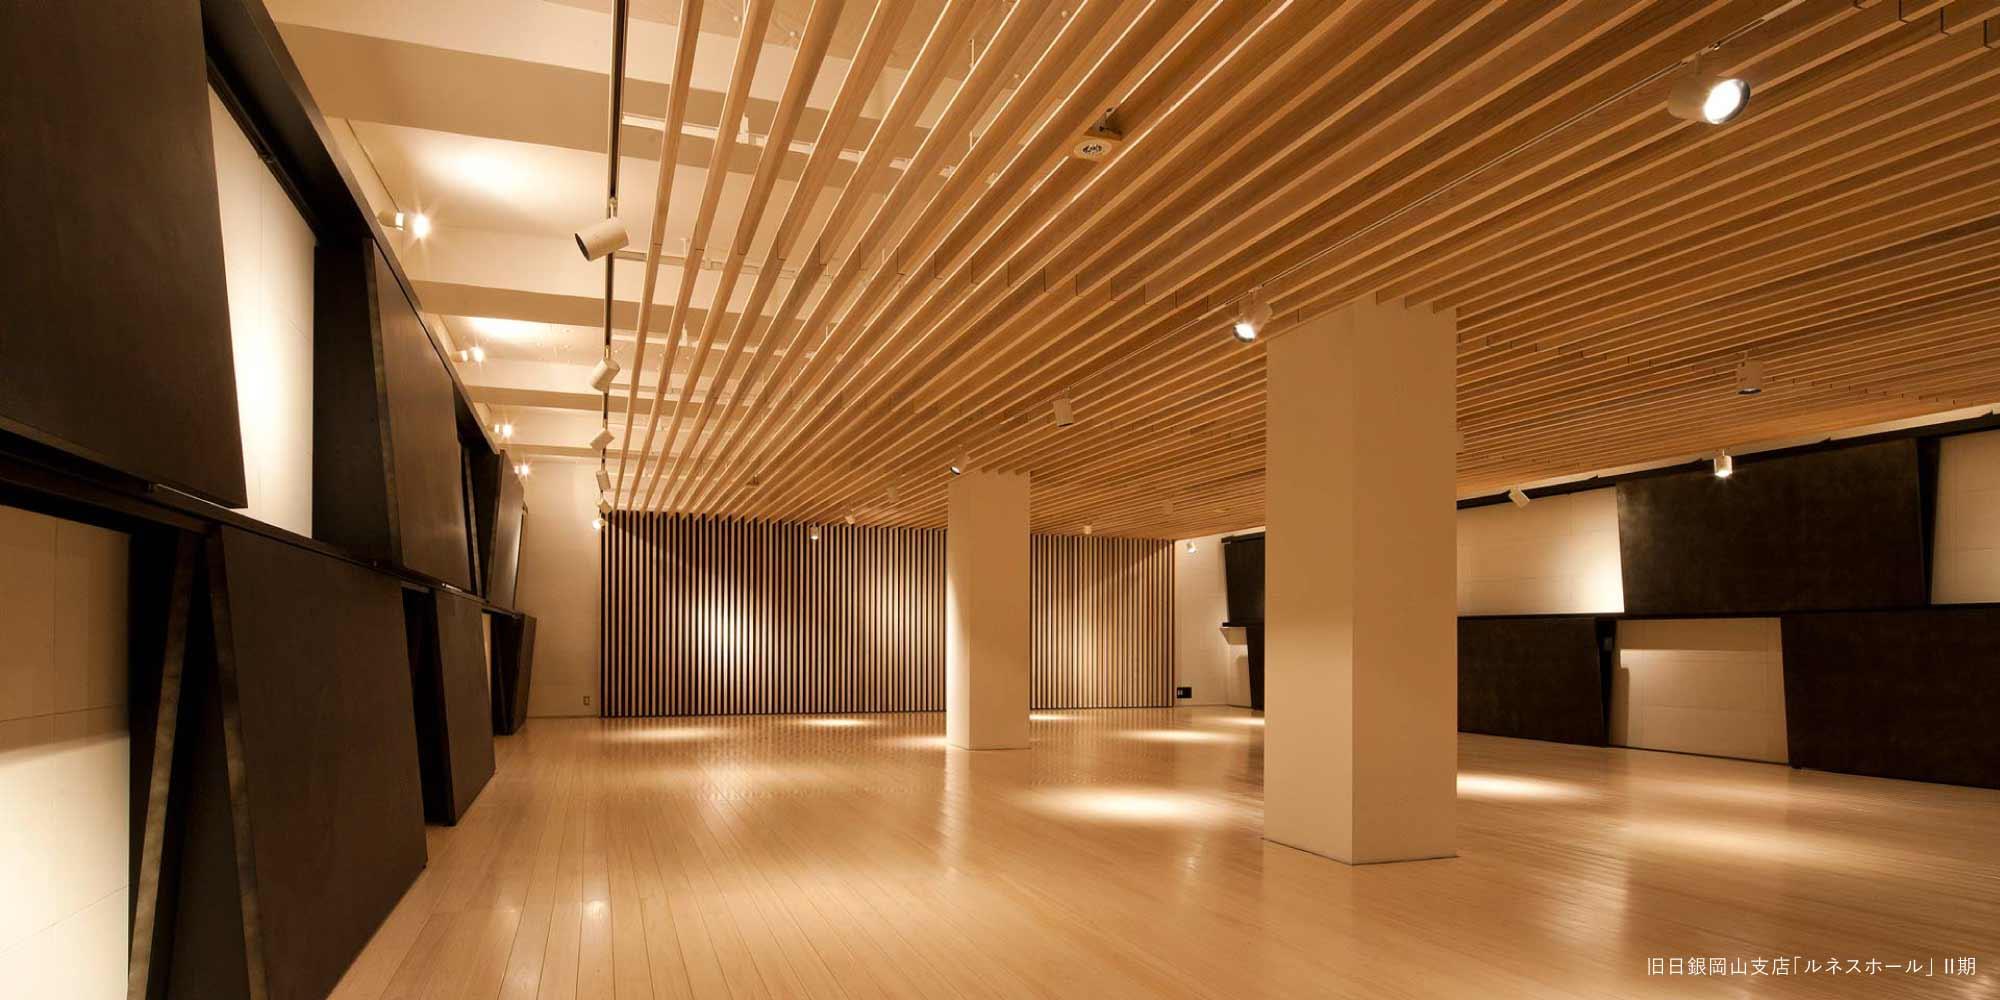 佐藤建築事務所|岡山にあるアトリエ設計事務所。旧日銀岡山支店「ルネスホール」2期、設計、改修